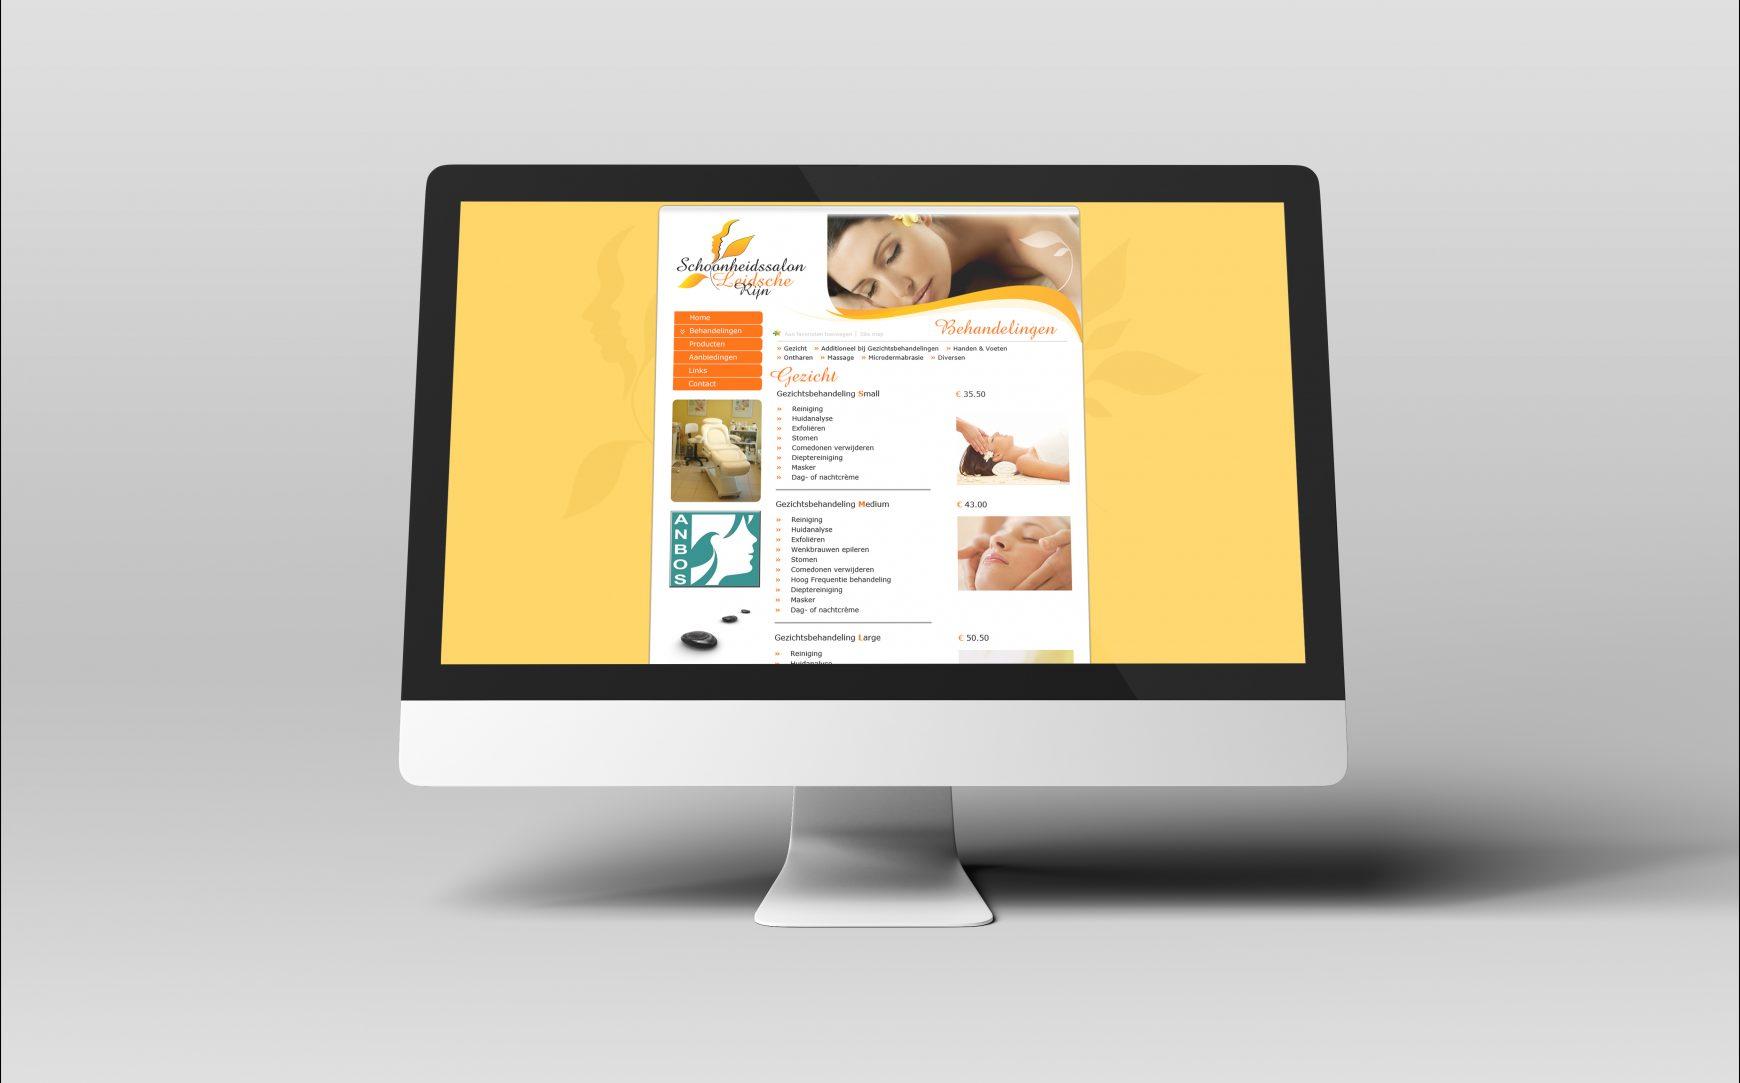 Web site Schoonheidssalon